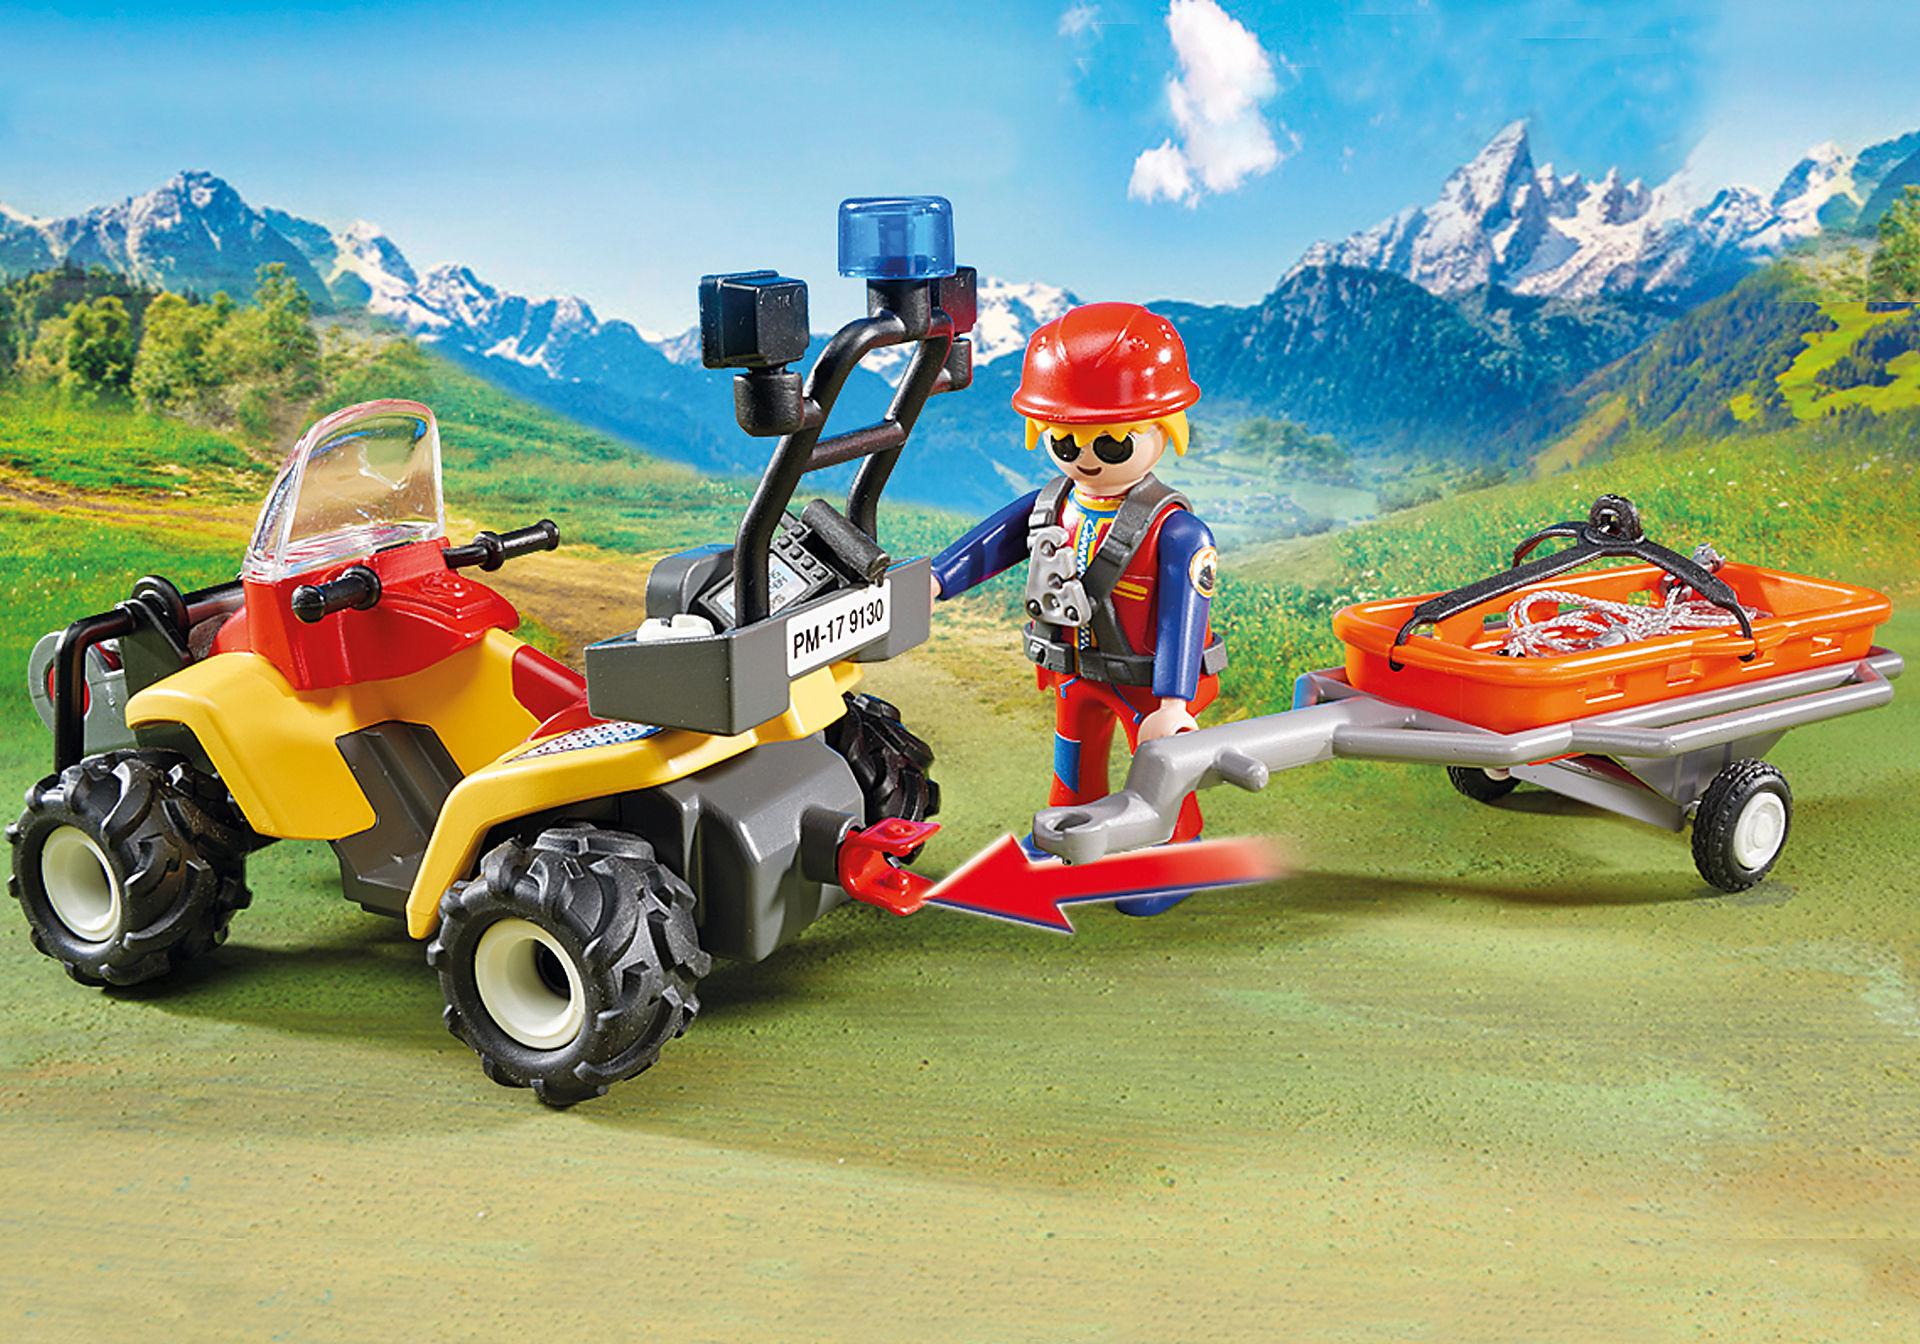 http://media.playmobil.com/i/playmobil/9130_product_extra2/Quad de Rescate de Montaña